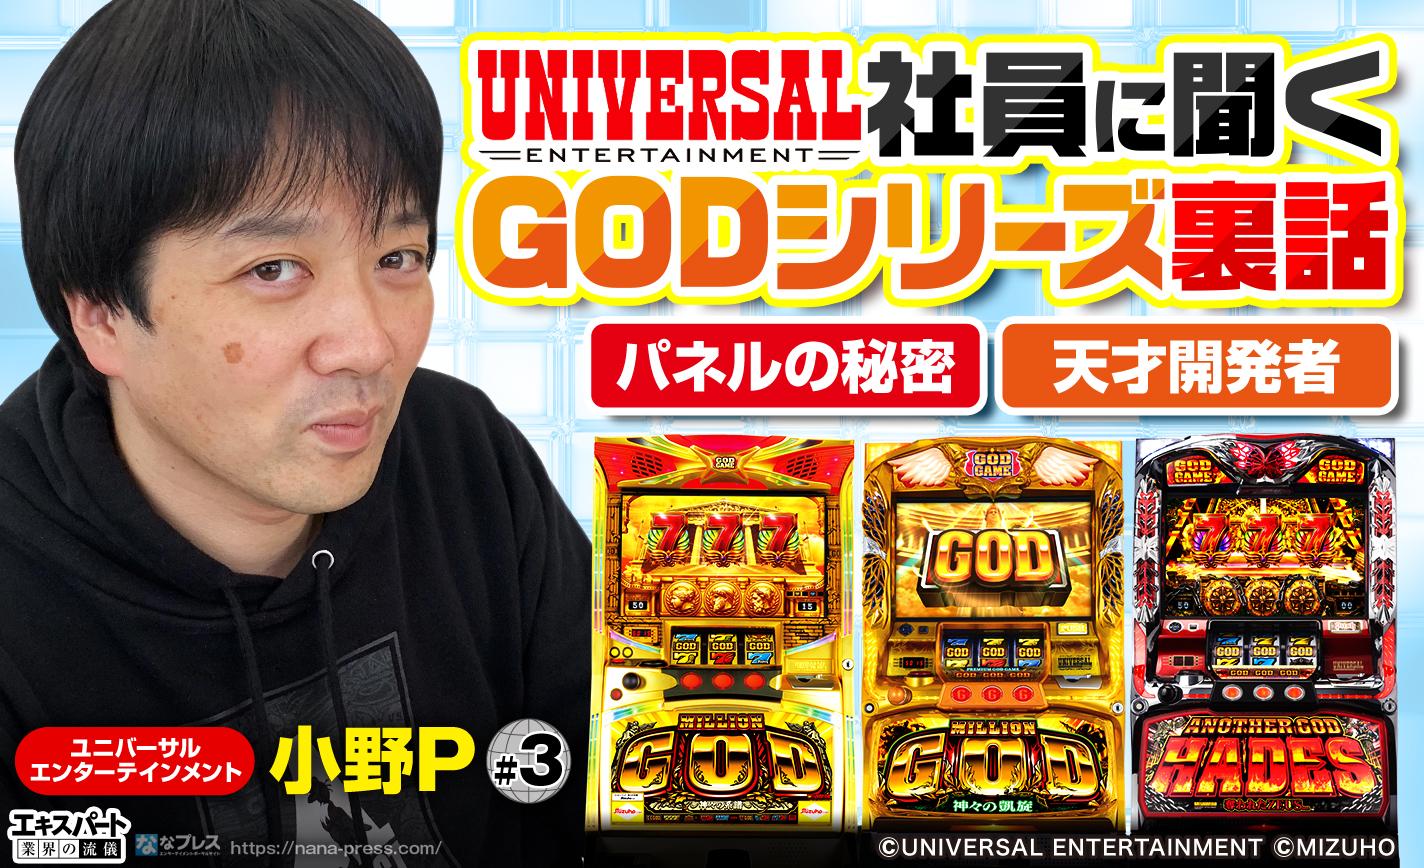 ユニバ社員小野Pに聞くGODシリーズ裏話!パネルの秘密や天才開発者の話も教えてもらいました